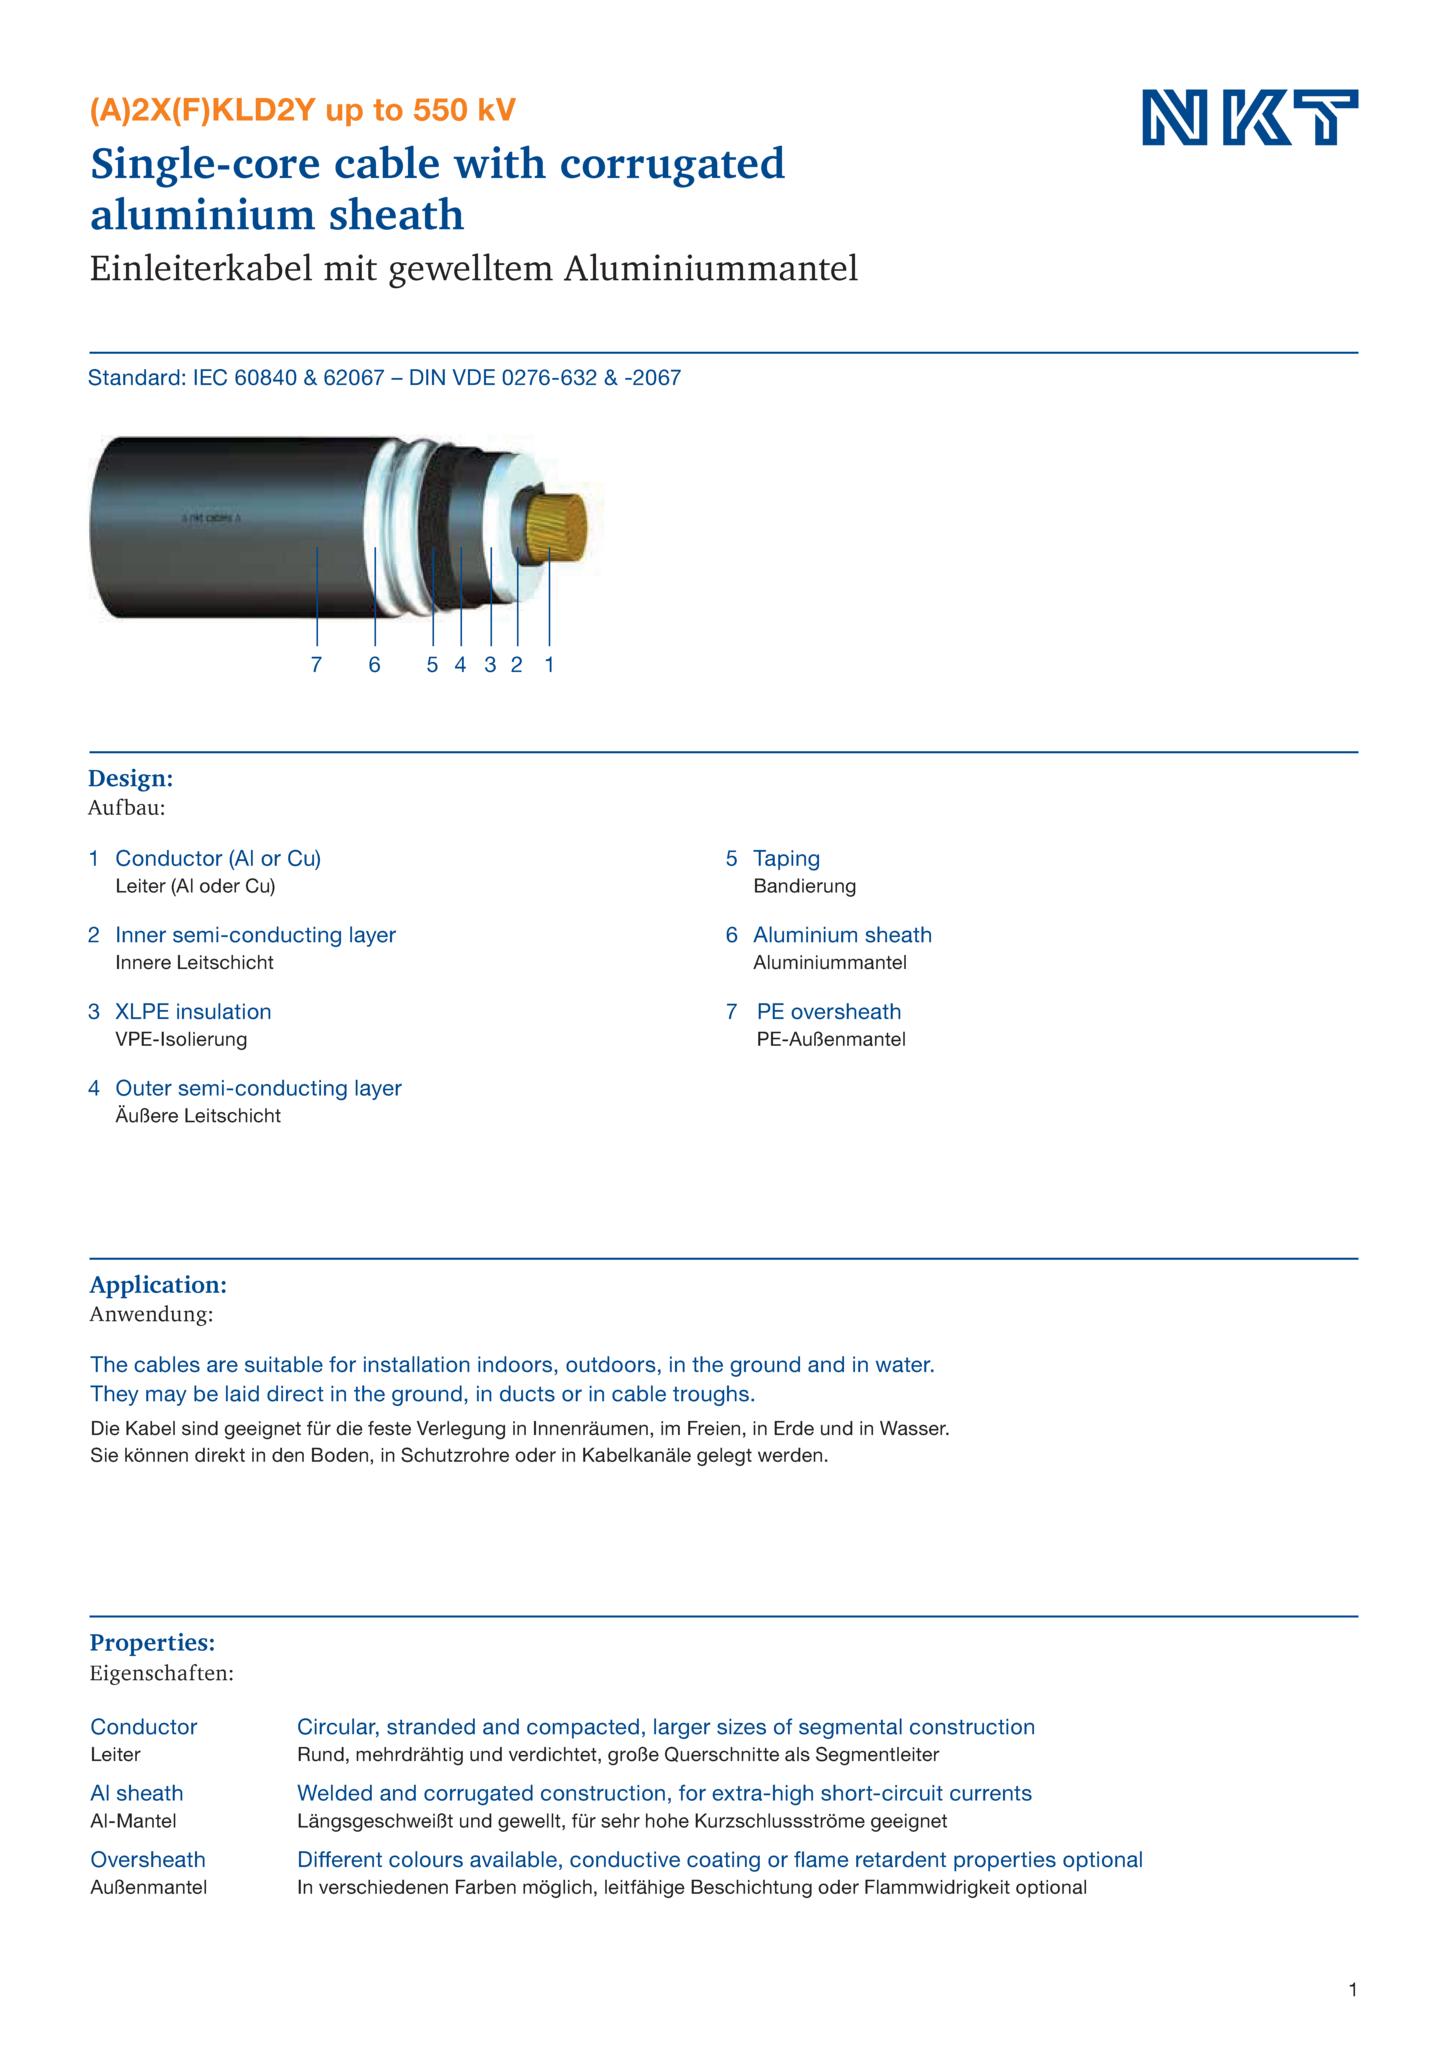 _A_2X_F_KLD2Y_up_to_550_kV_DS_DE_EN.pdf